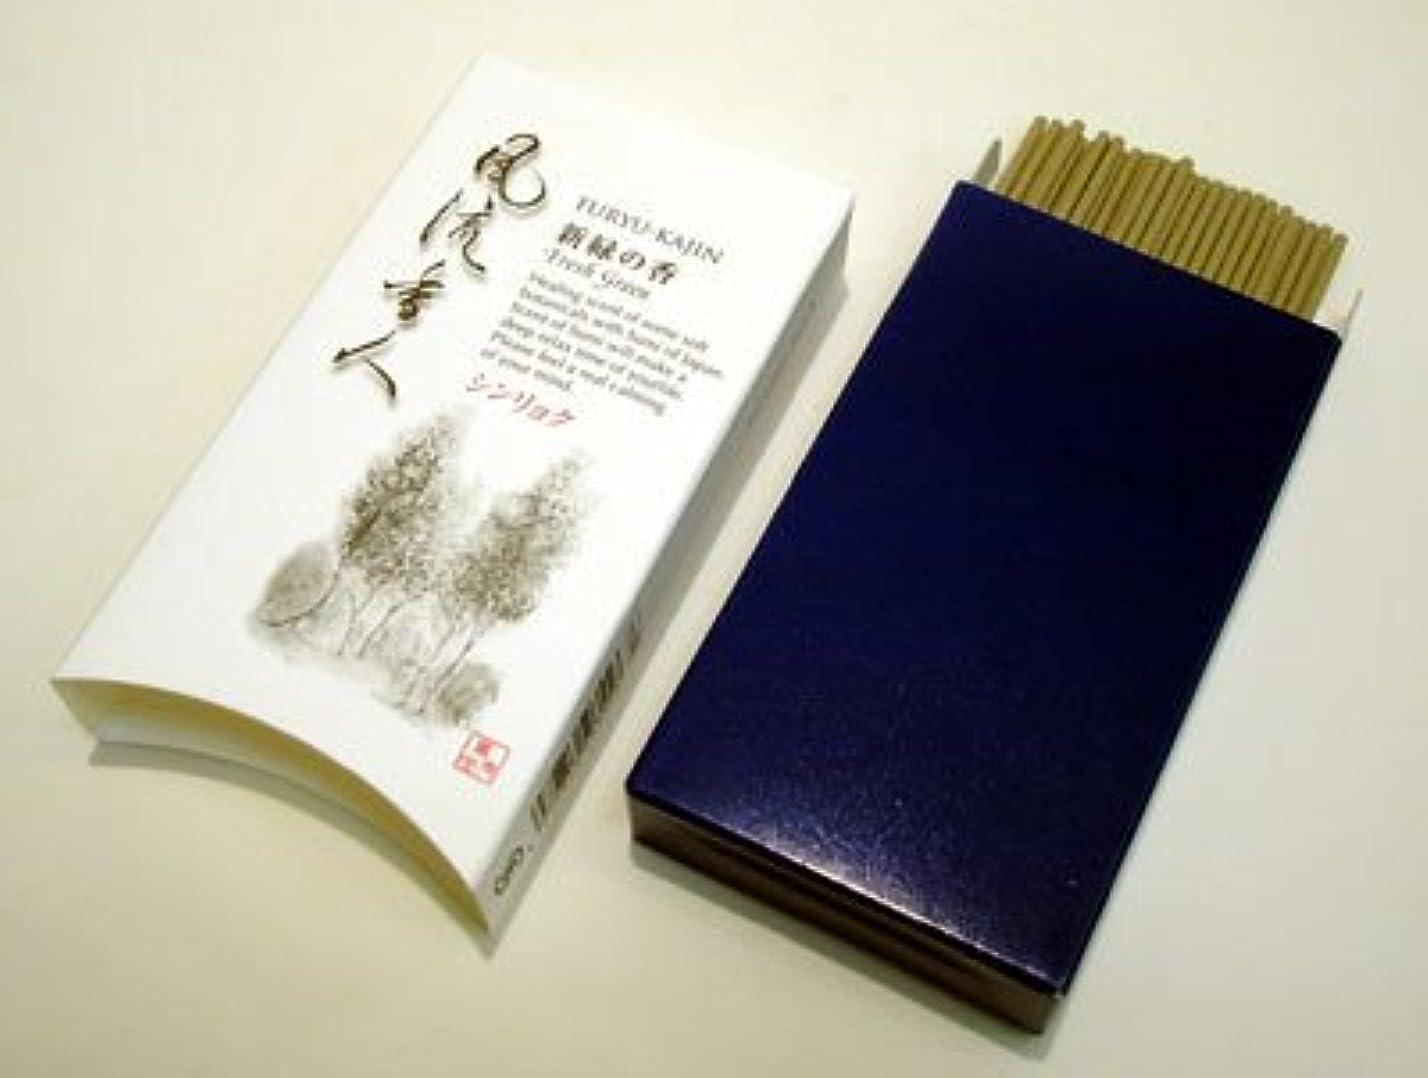 フレッシュ宣伝フィドル墨の香りに植物の香りをブレンド 薫寿堂【風流香人 新緑 ミニ】スティック 【お香】